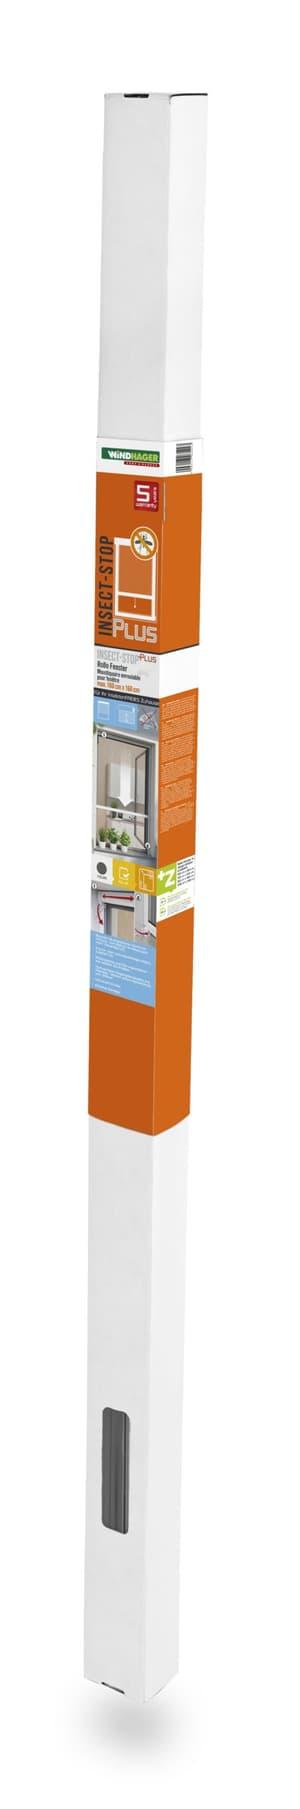 Zanzariera avvolgibile per finestra 100x160 cm, antracite